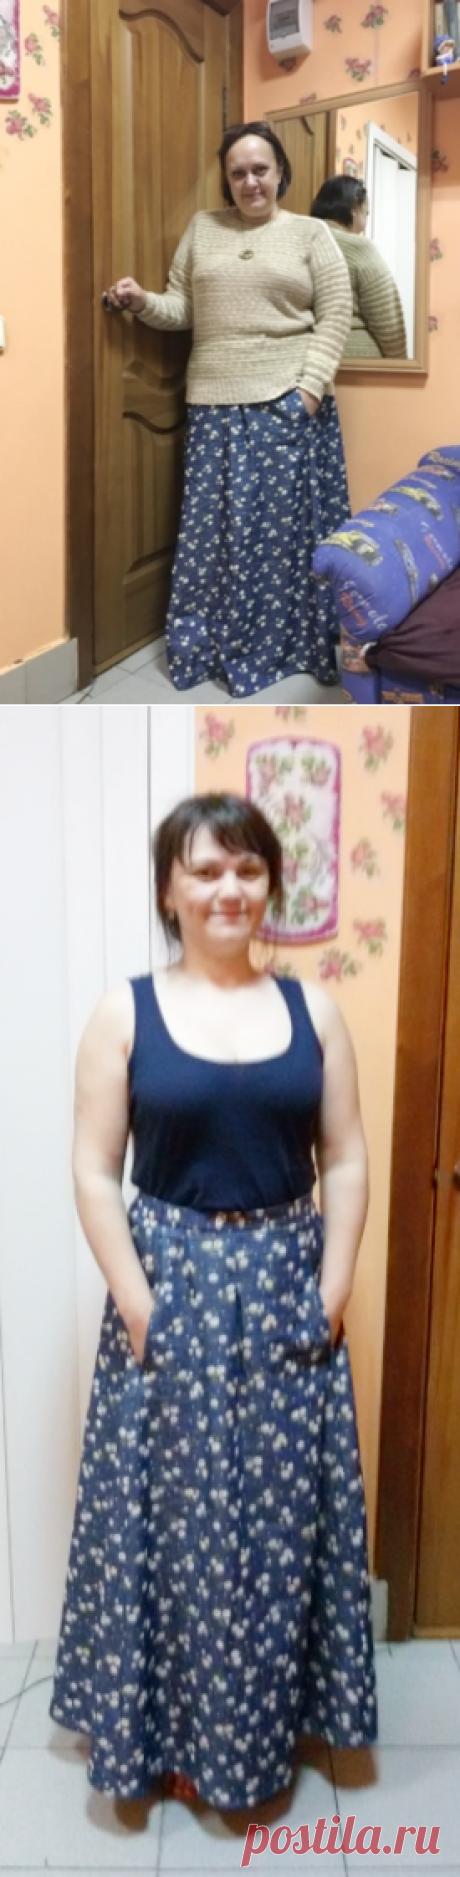 Юбочка для любой фигуры и возраста))) Шьем сам